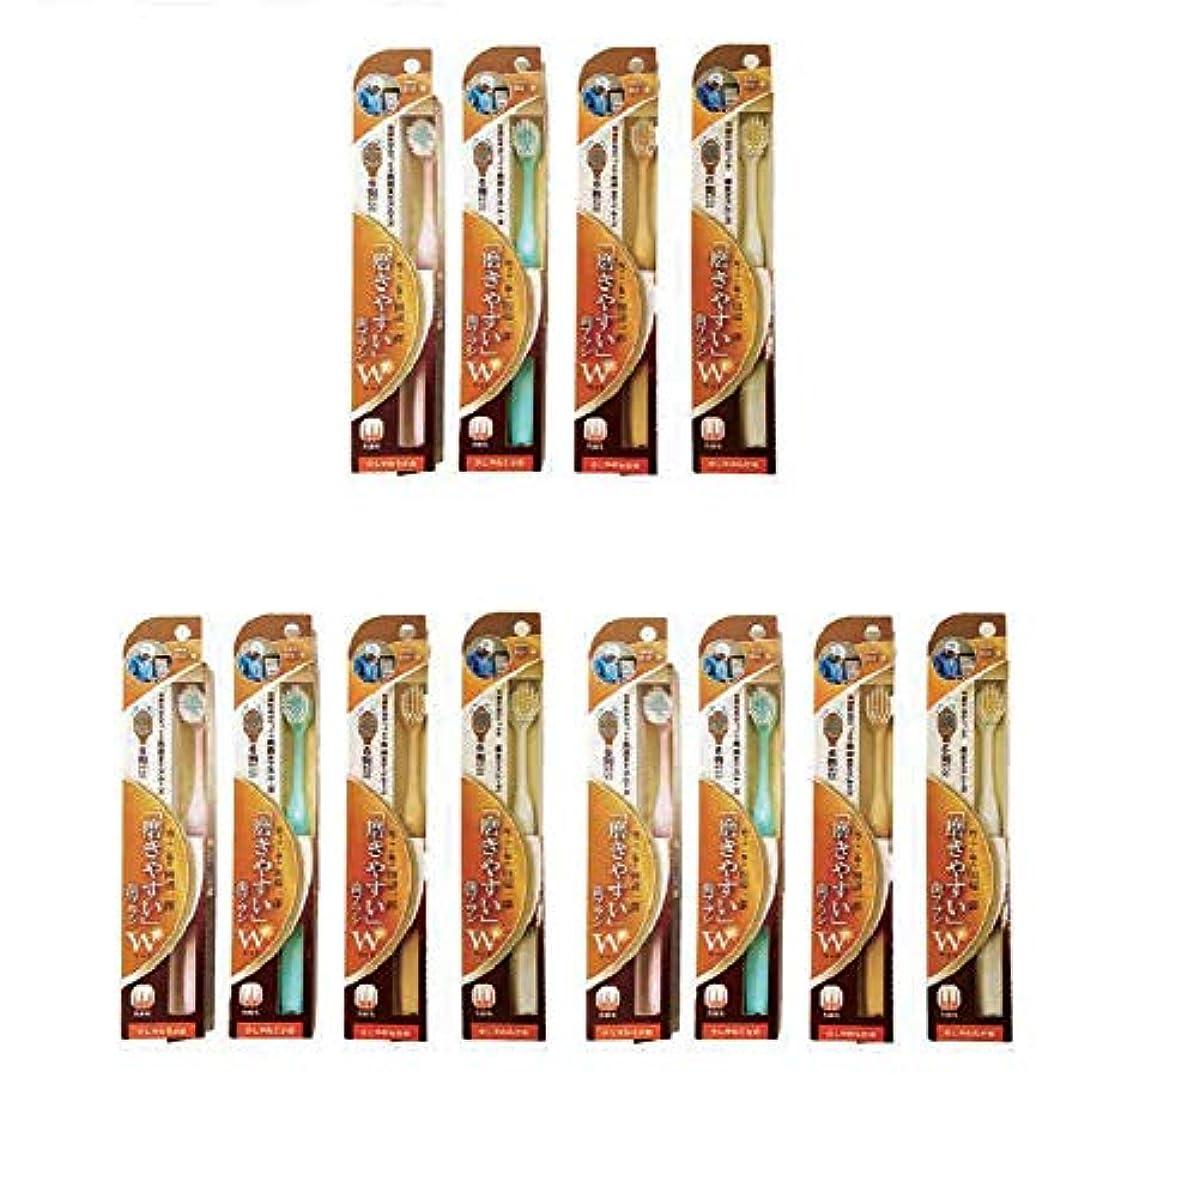 両方叱るコンピューターゲームをプレイするライフレンジ 磨きやすい歯ブラシ 6列ワイドタイプ(少しやわらかめ) LT-46×12本セット